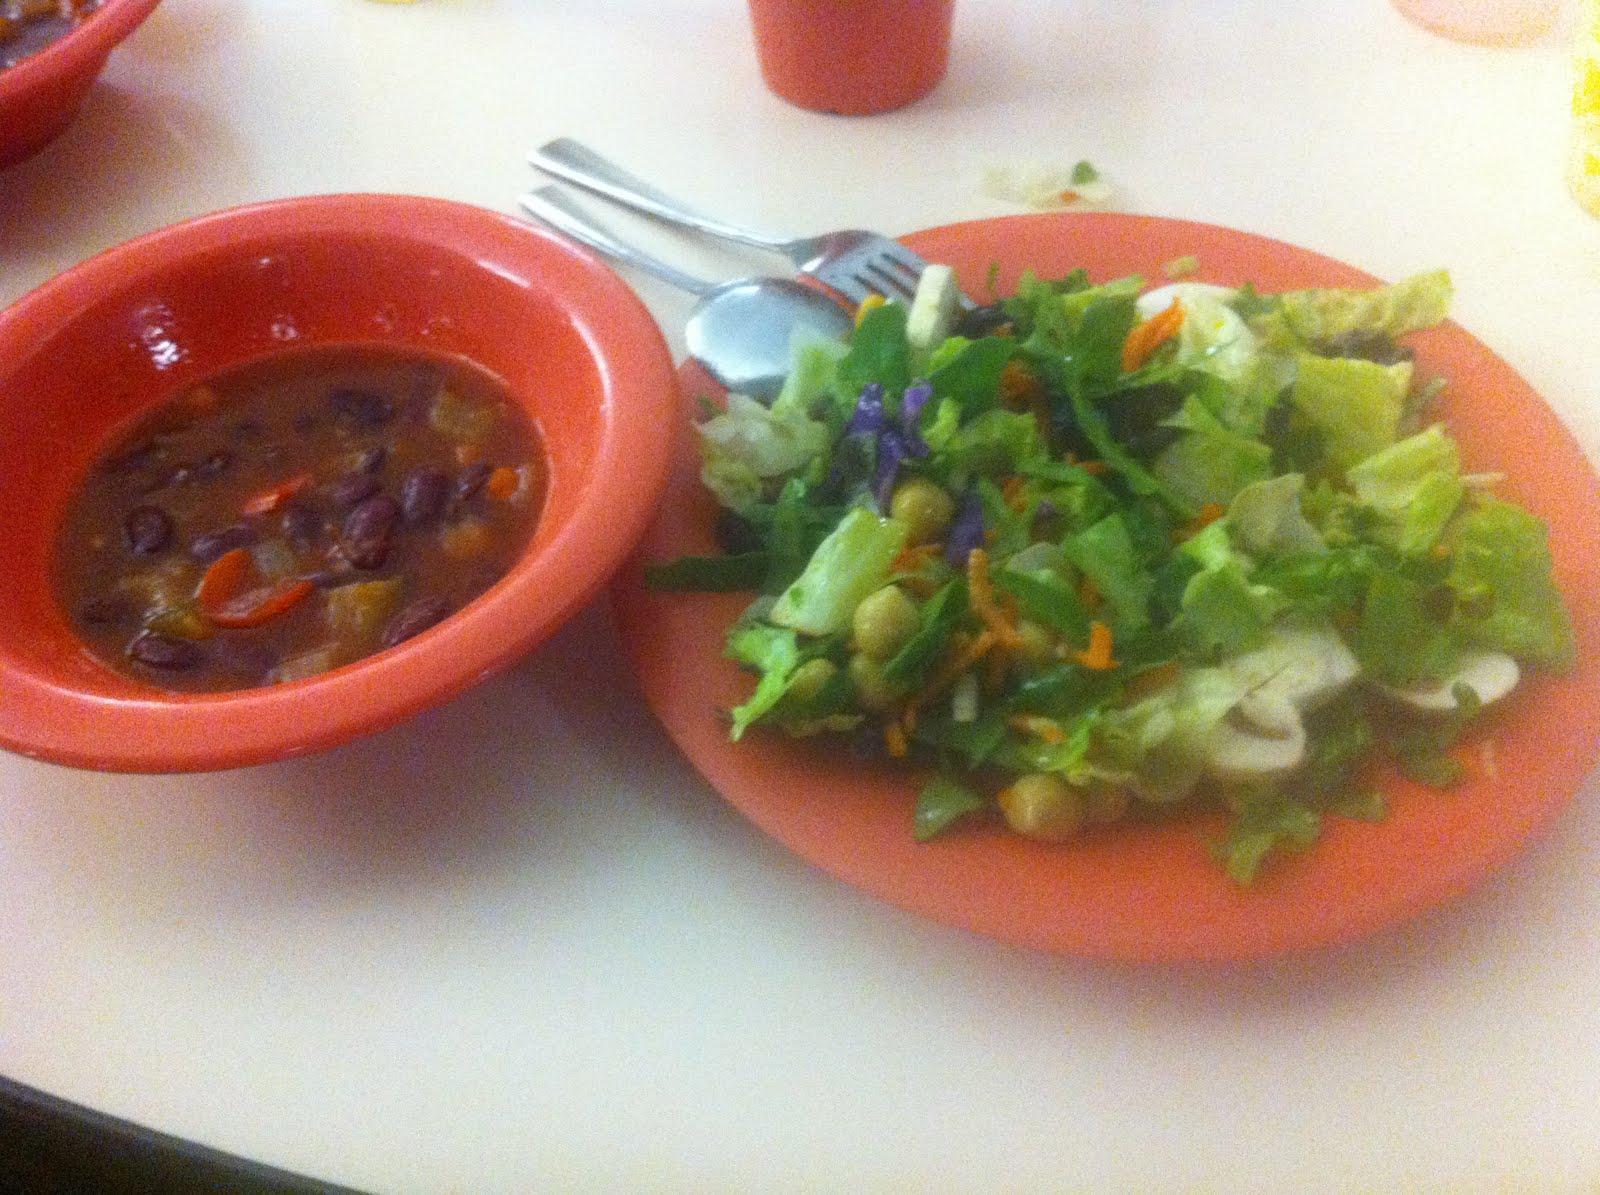 Vegan Goodies :): Vegetarian Chili and Salad